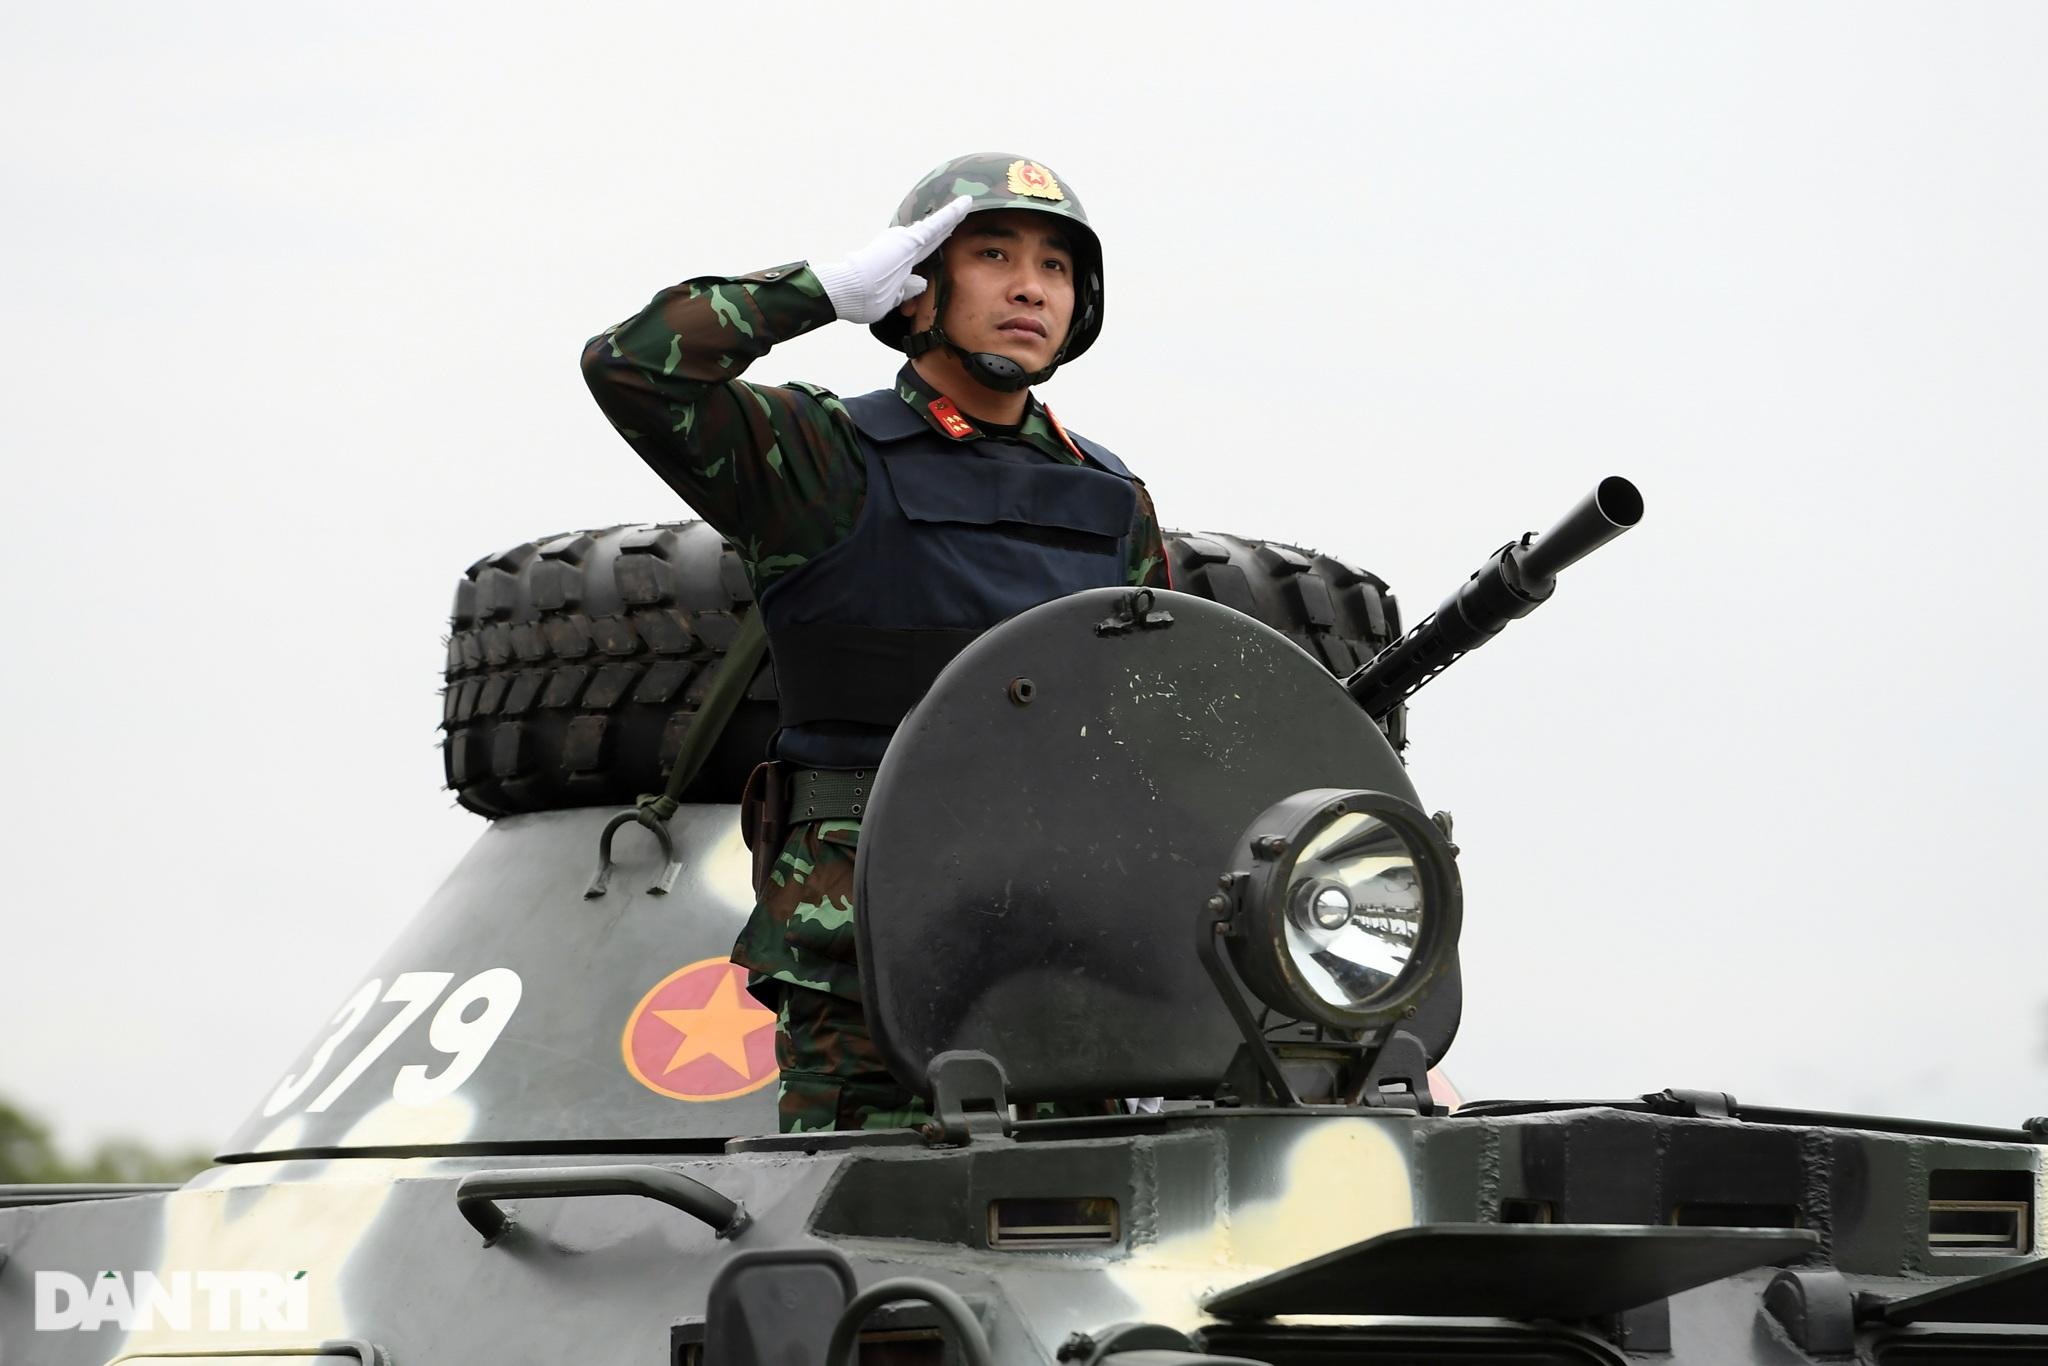 Dàn khí tài đặc chủng tham gia diễn tập bảo vệ Đại hội Đảng toàn quốc - 11